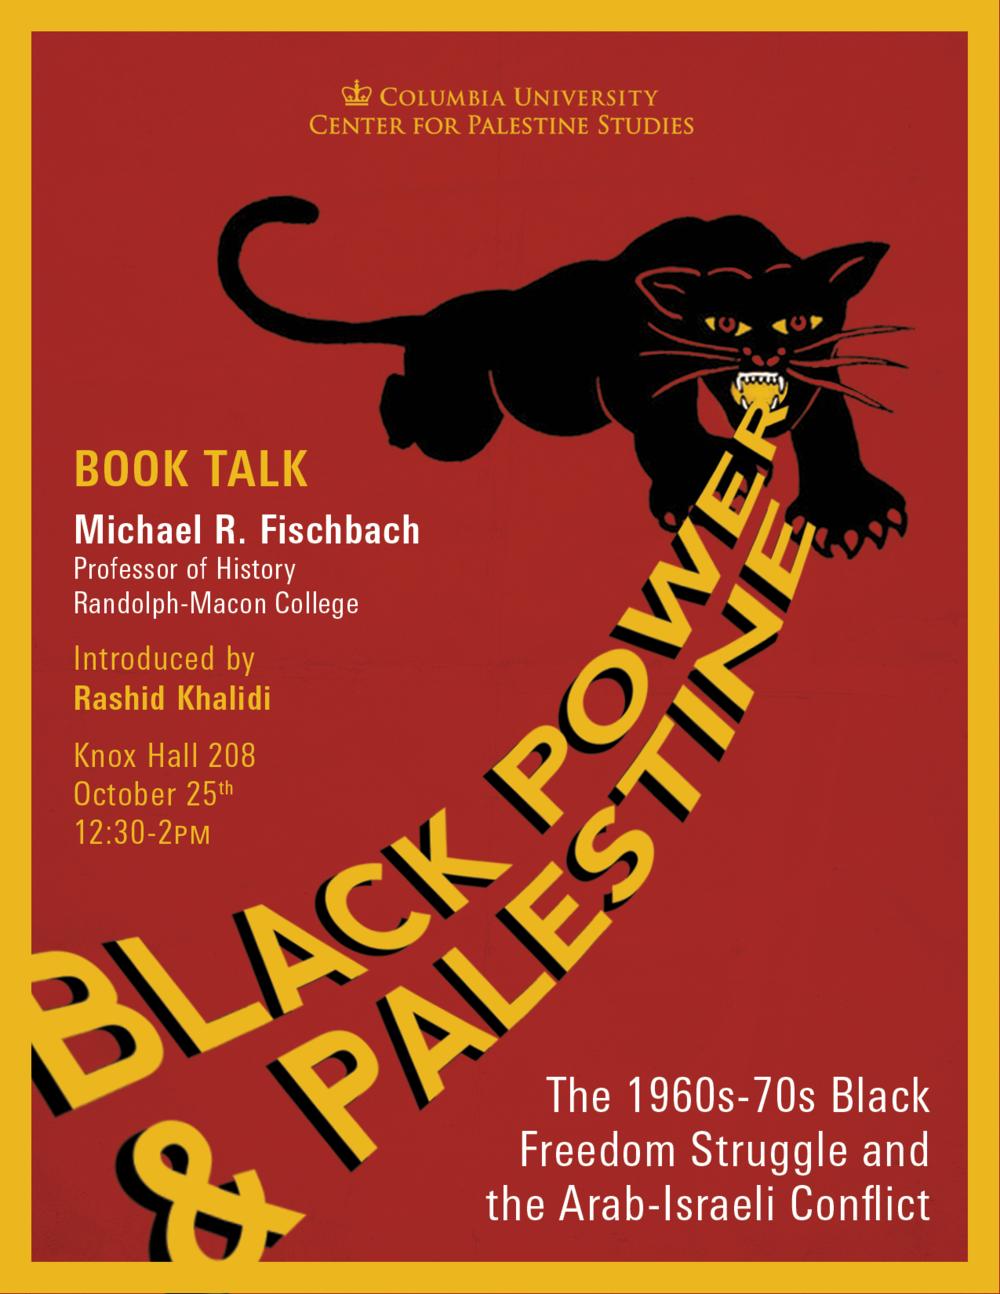 BLACK POWER PALESTINE REVISED 10 15 2018.png